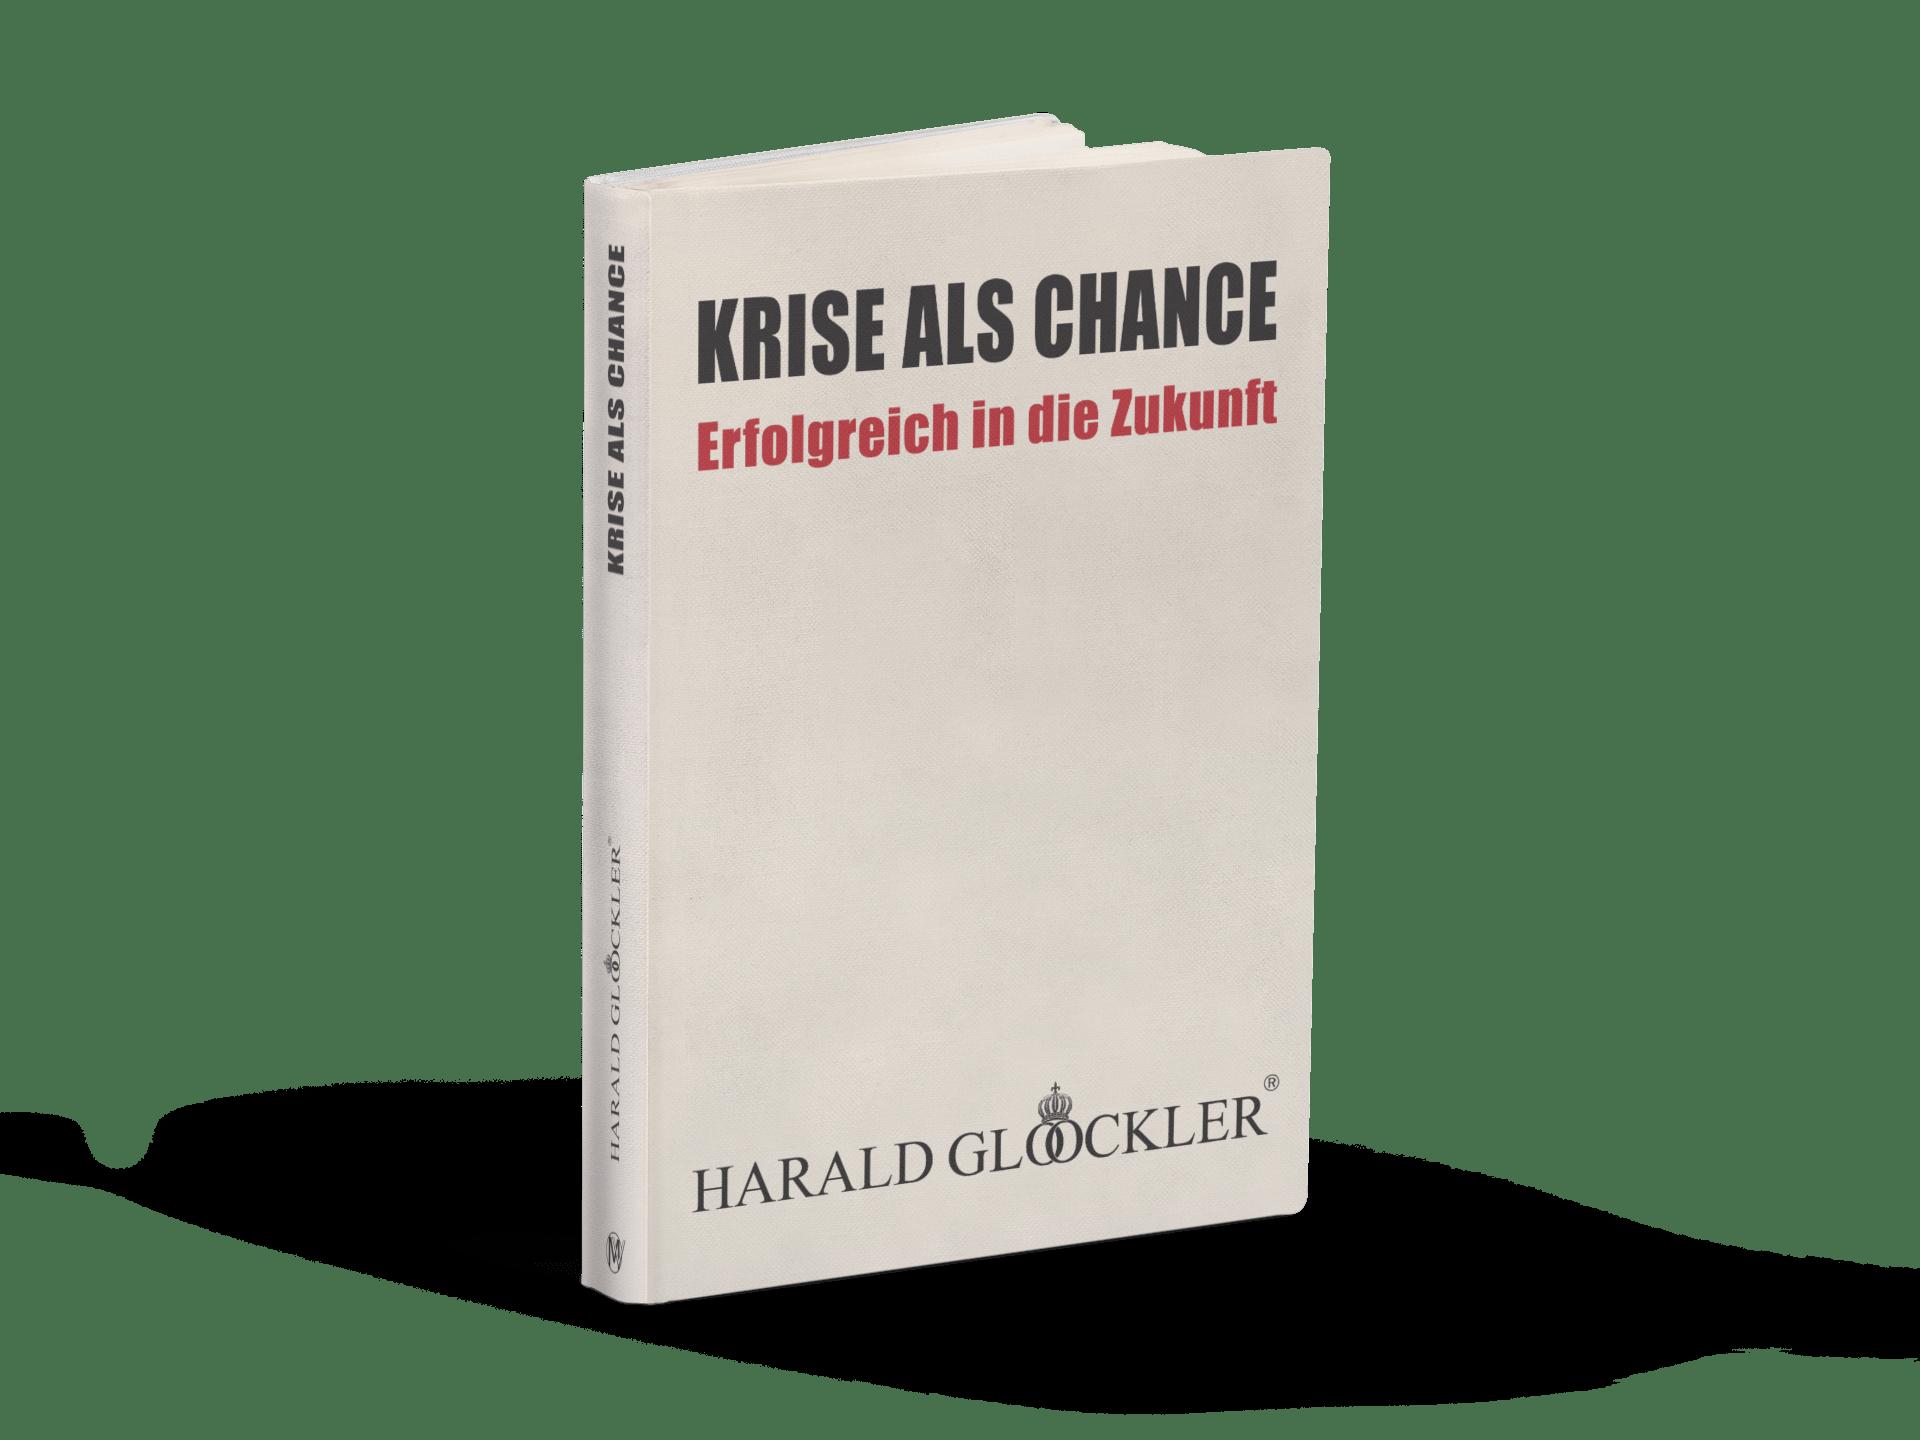 Krise als Chance